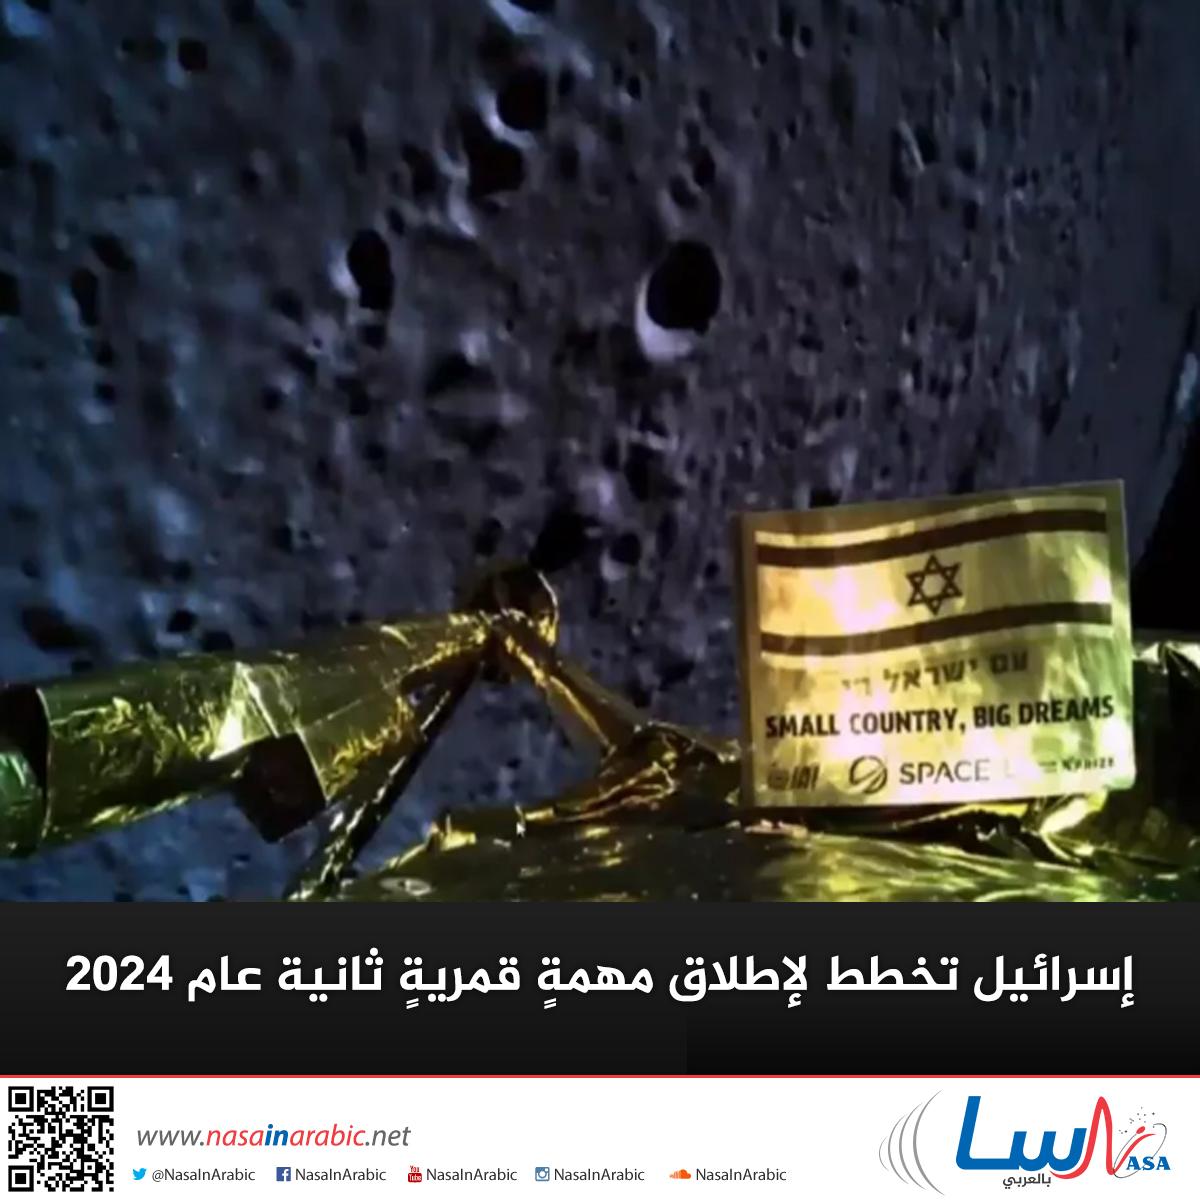 إسرائيل تخطط لإطلاق مهمةٍ قمريةٍ ثانية عام 2024